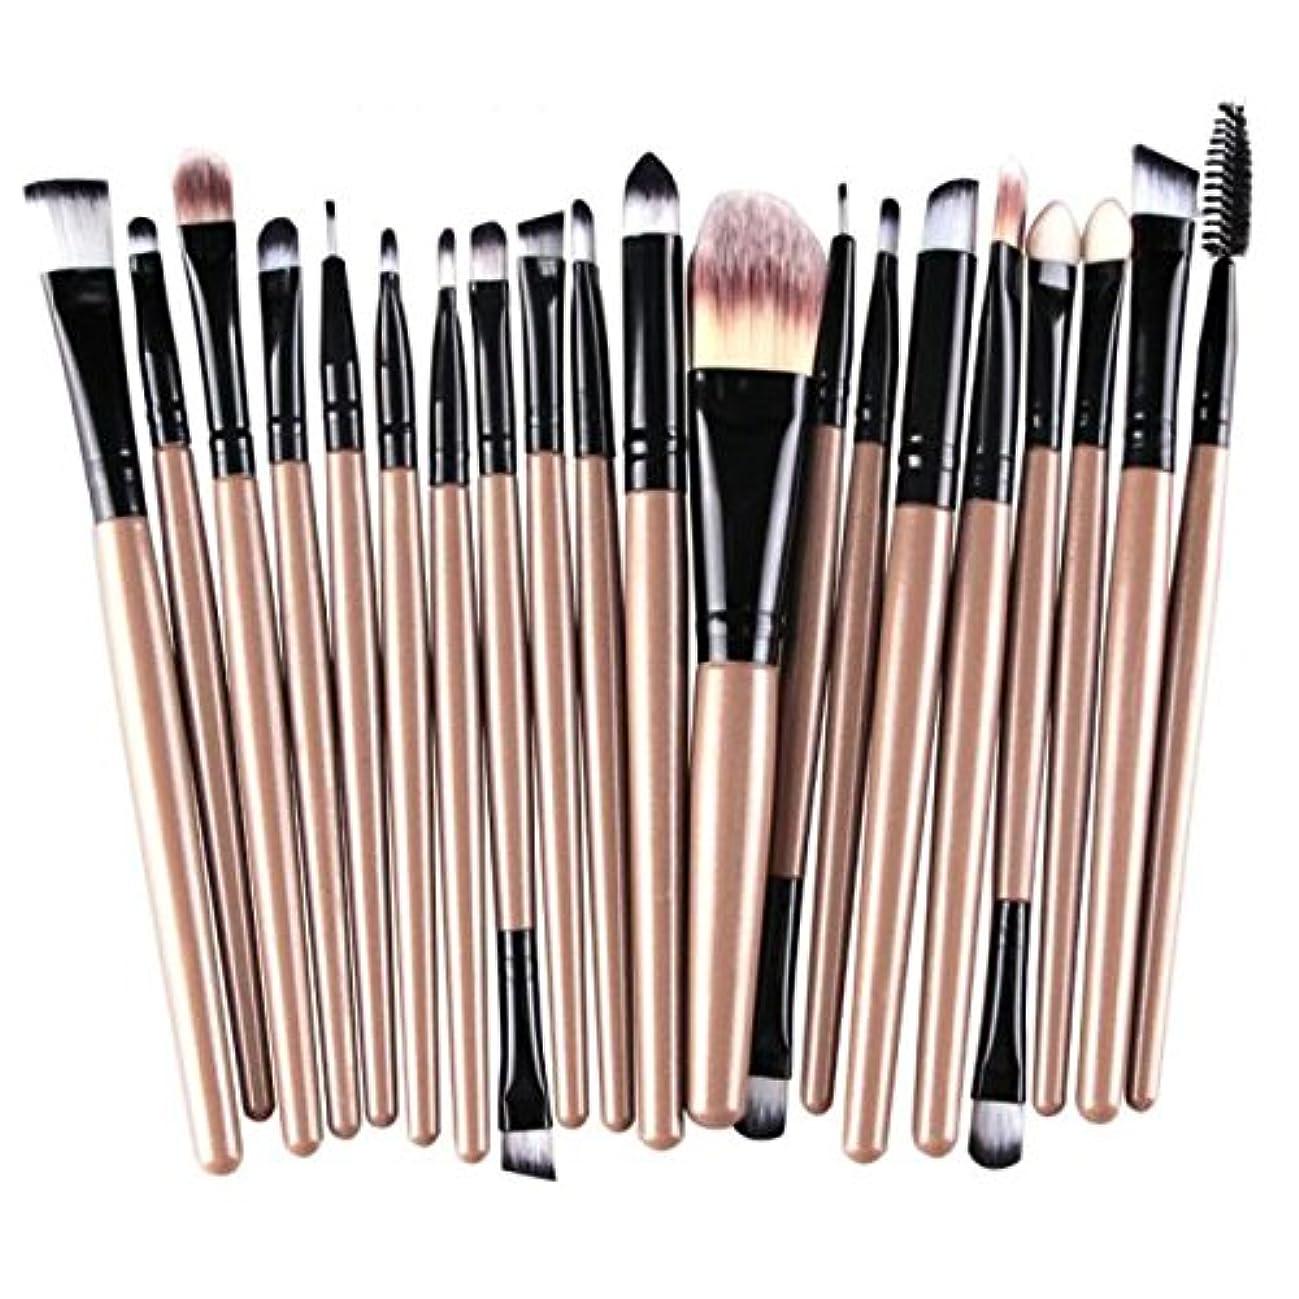 定規拡張失敗Fortan化粧ブラシ メイクブラシ アイシャドー 化粧用 20本セット (ゴールド)